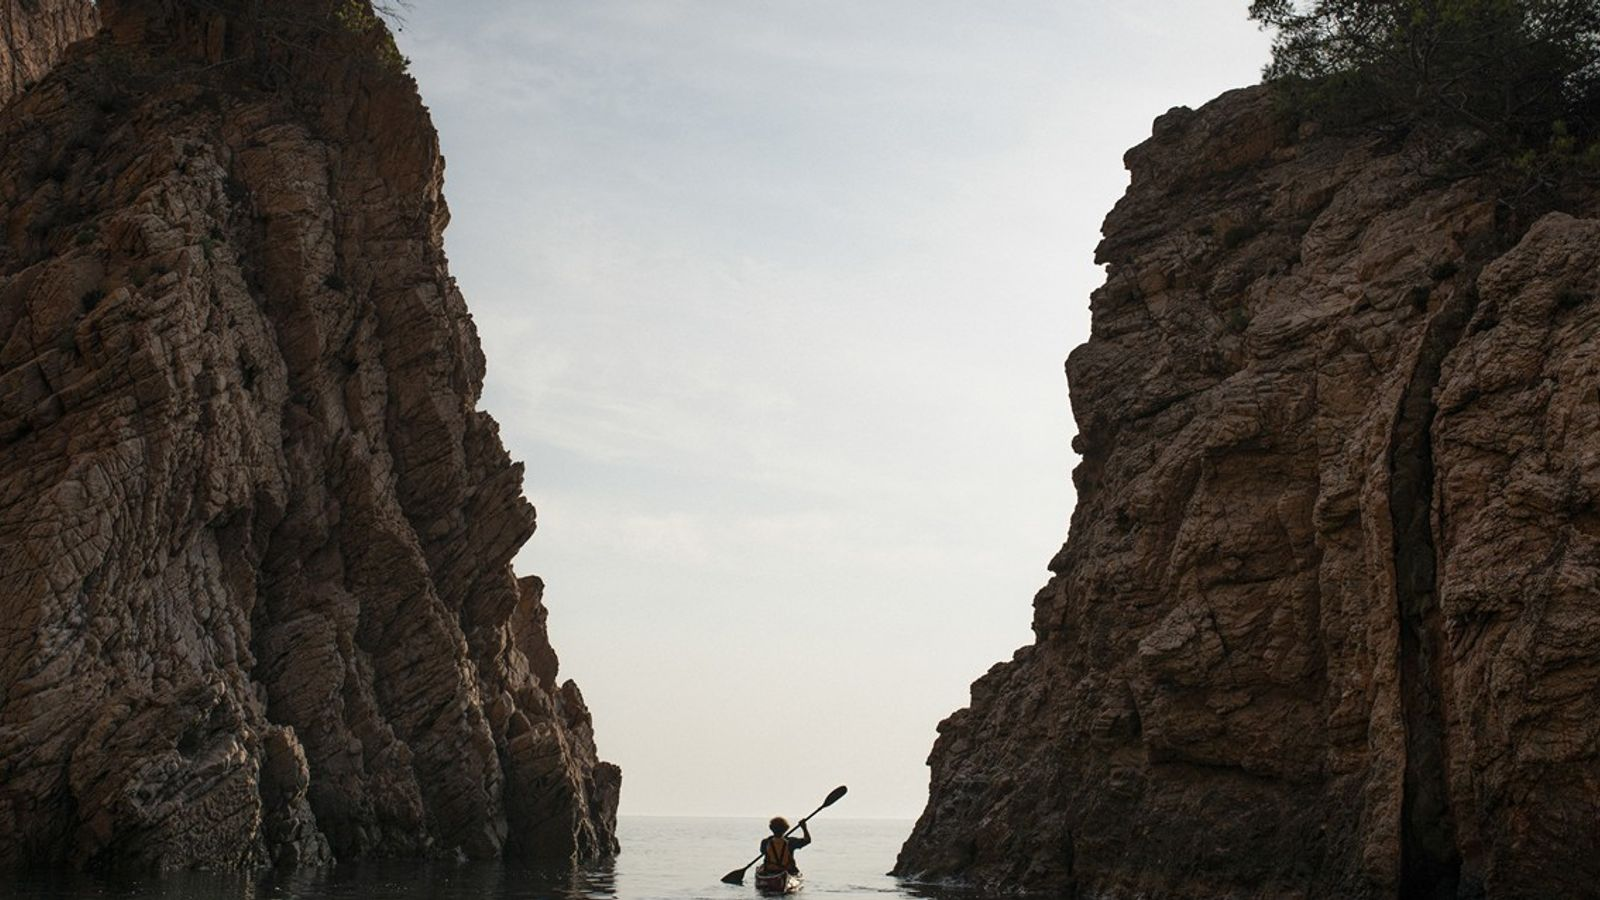 Entre la cala de Aiguablava y la playa de Tamariu se pueden realizar distintas excursiones dirigidas ...